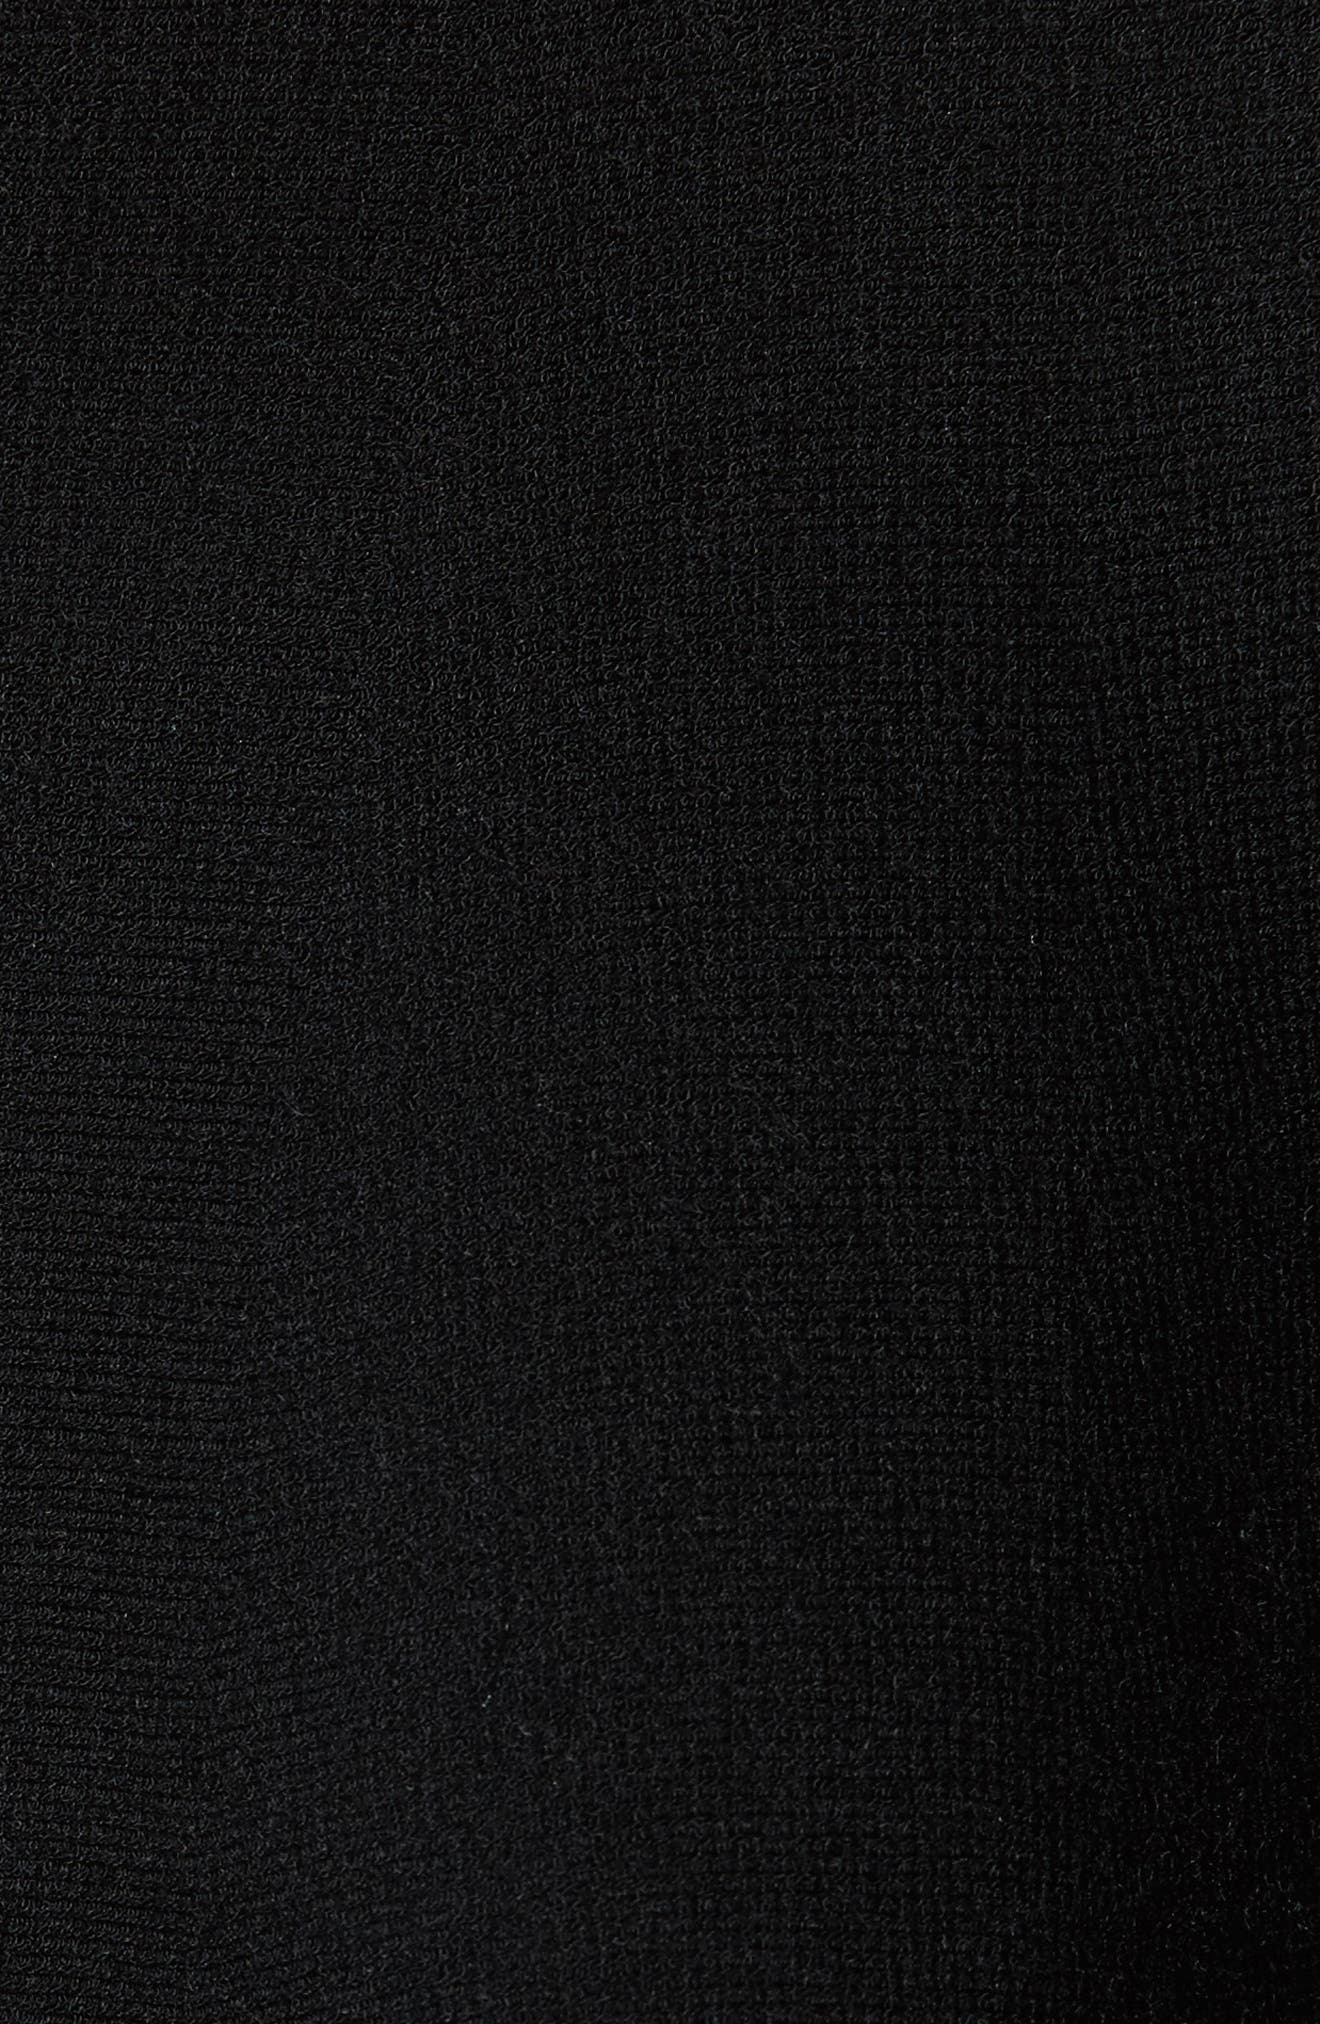 Alternate Image 3  - Michael Kors Off the Shoulder Sweater